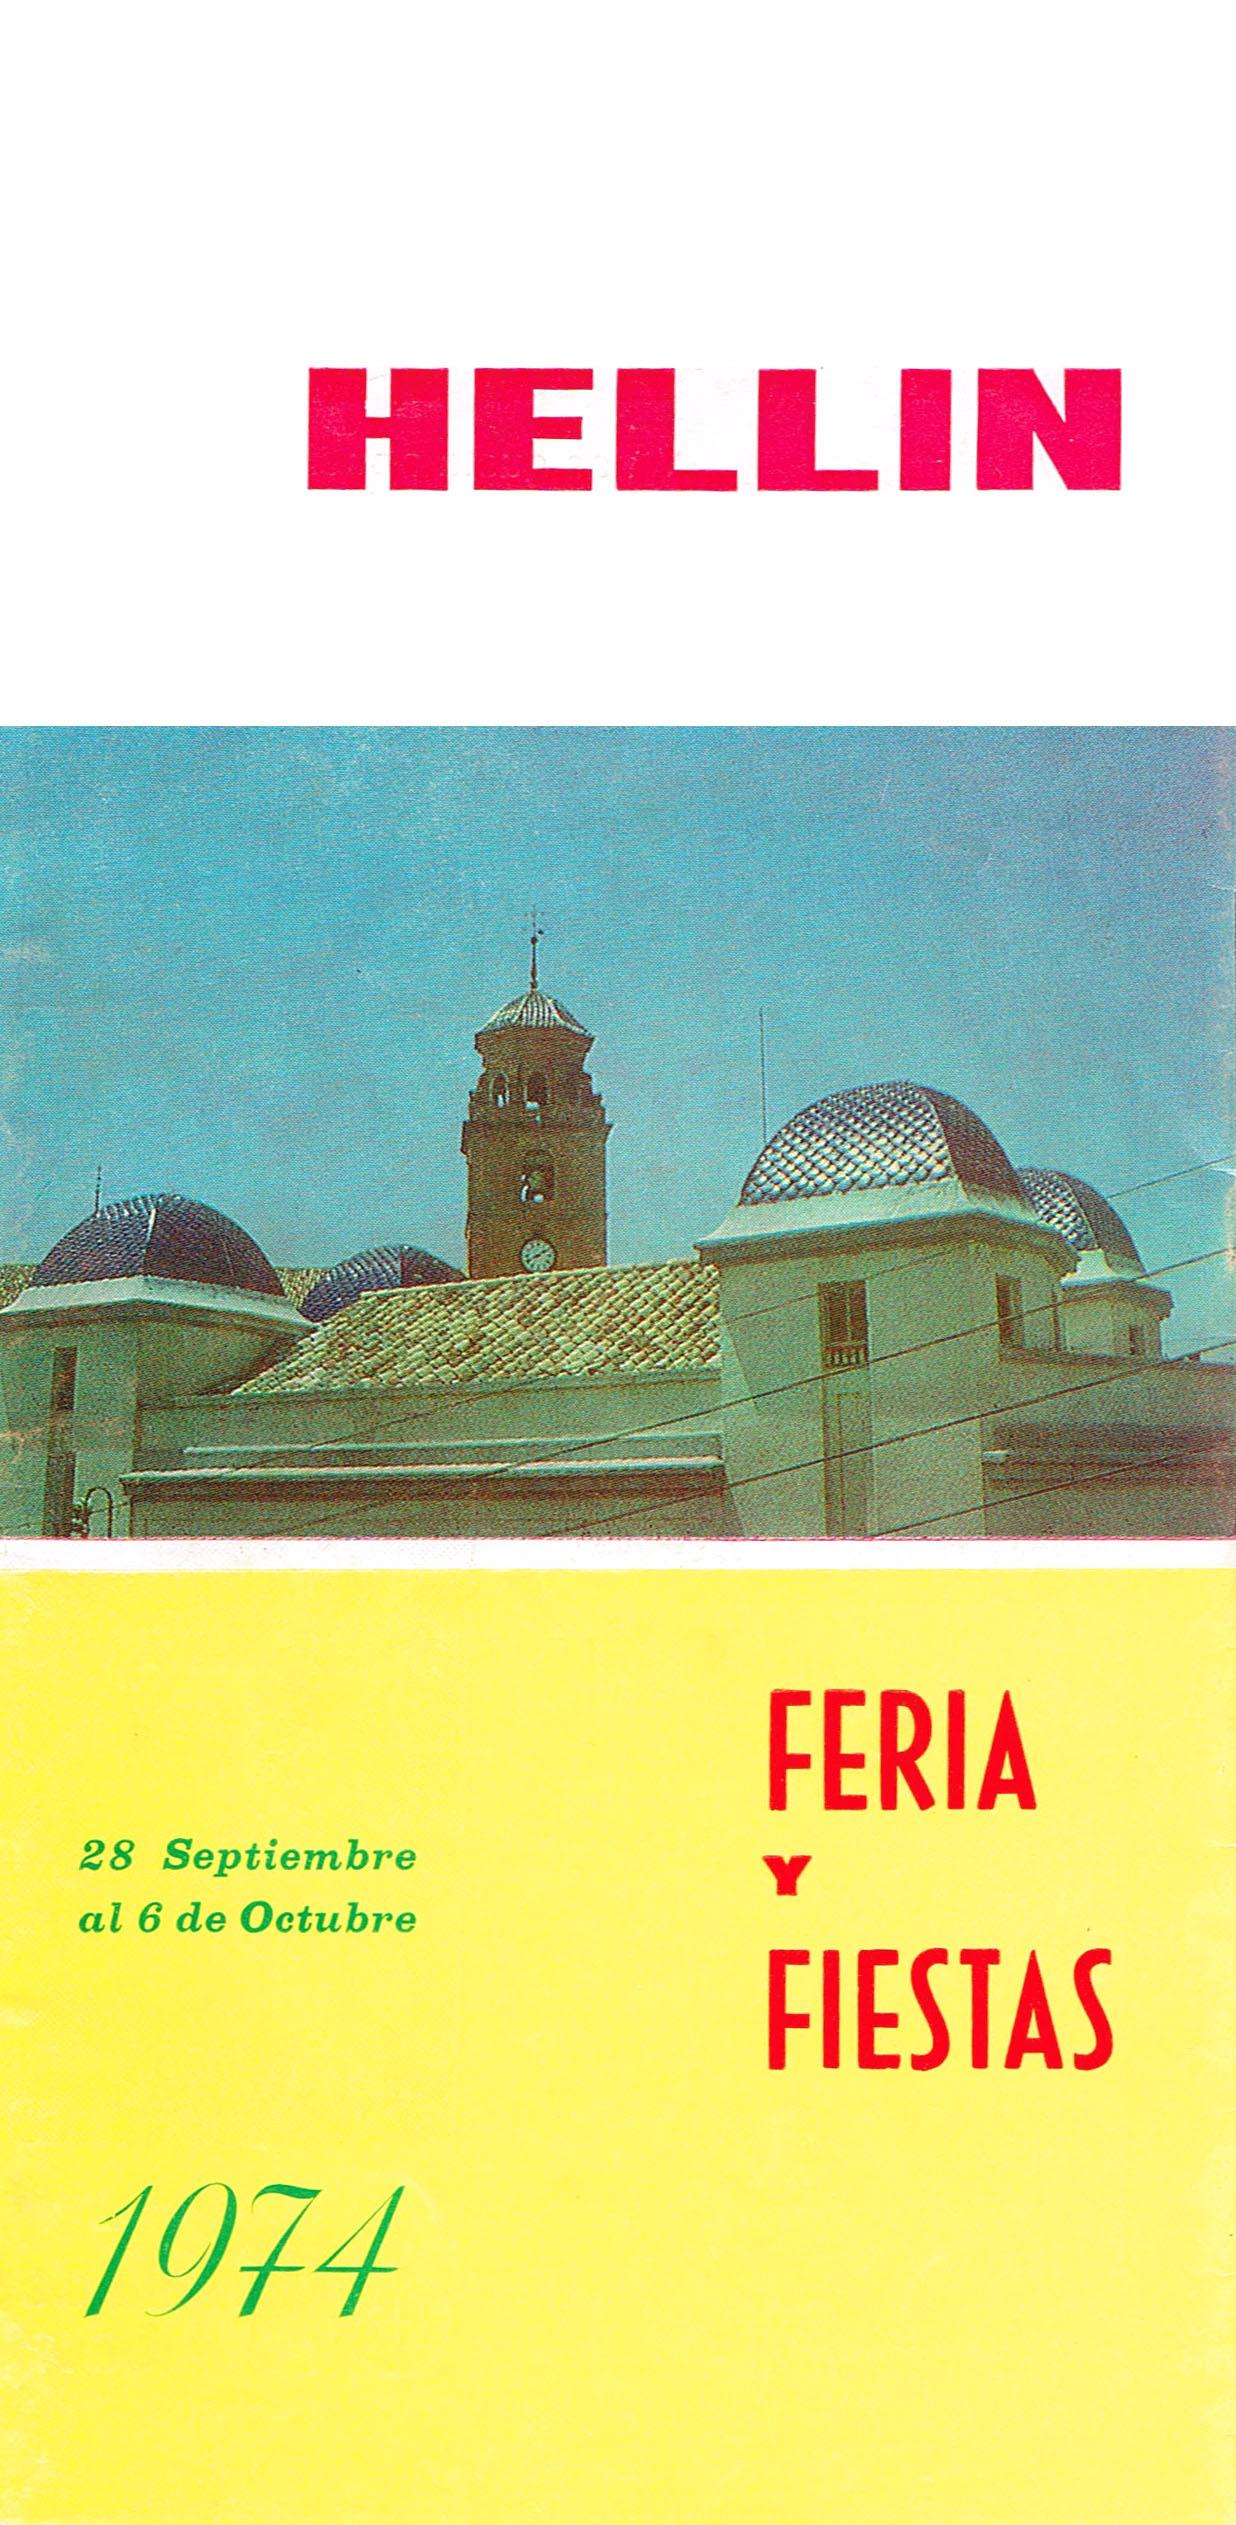 Programa de la Feria de Hellín - 1974